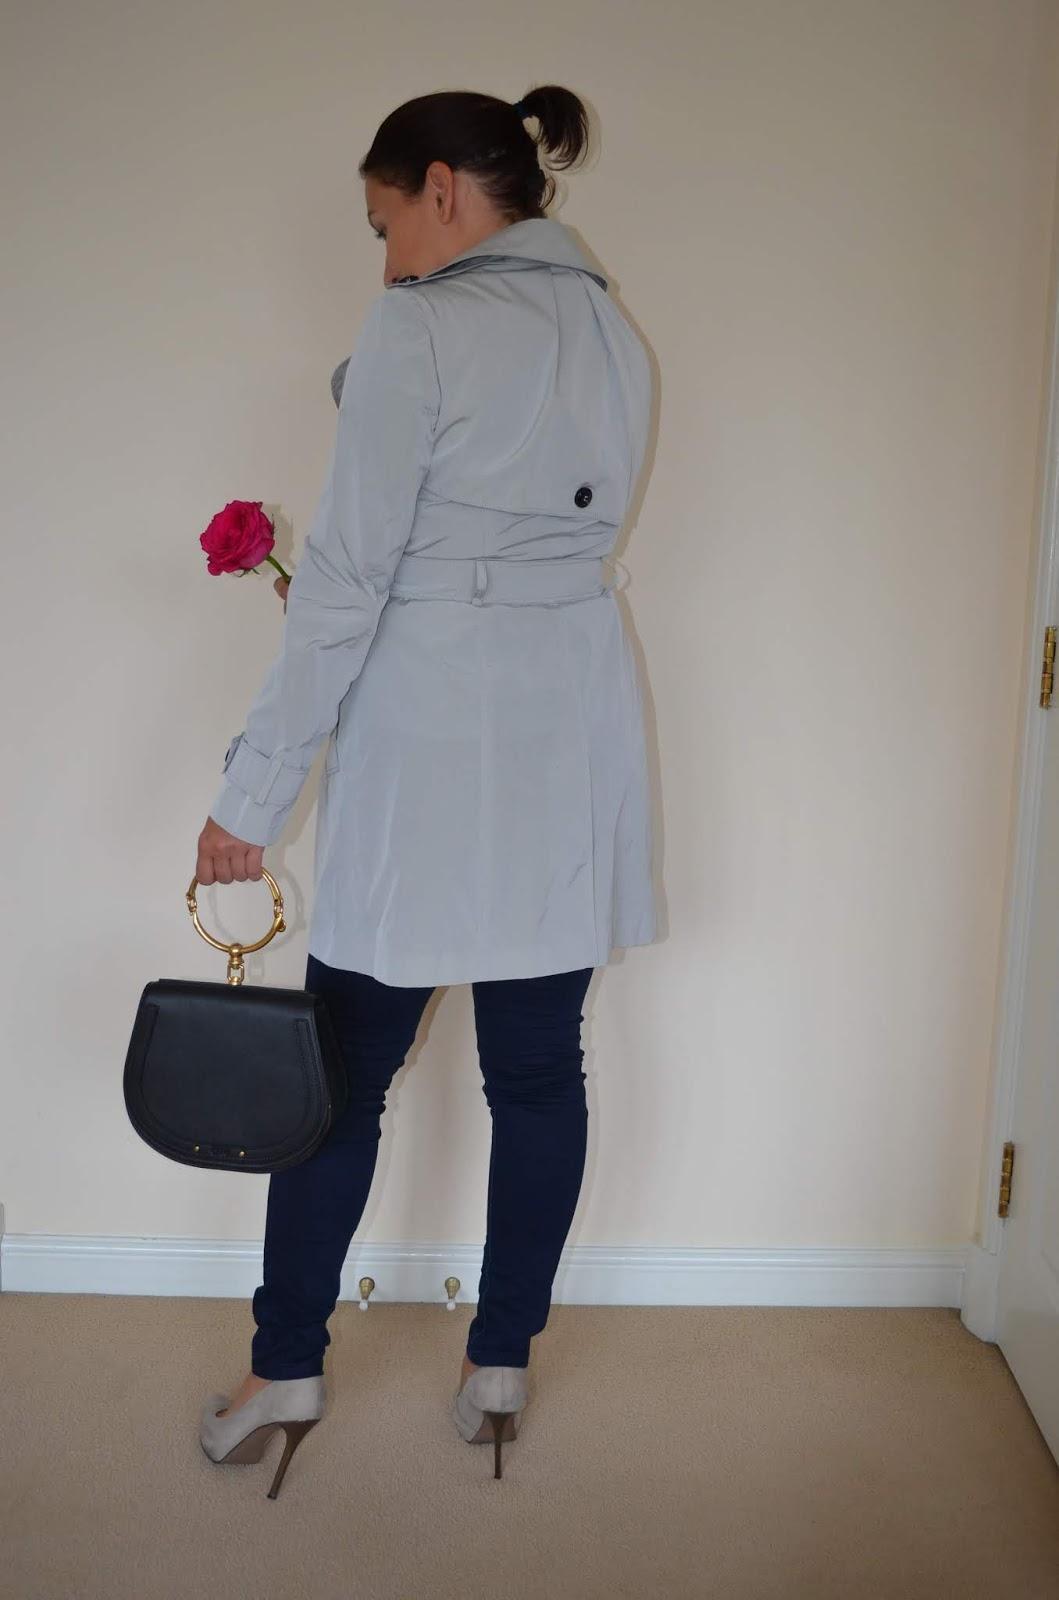 Adriana Style Blog, blog modowy Puławy, Burberry Coat, Celine Bag, moda, Fashion, Torebka Celine, Trench Burberry, Barbour Shirt, Kozula Barbour, Jesień, Moda na Jesień, Autumn Fashion